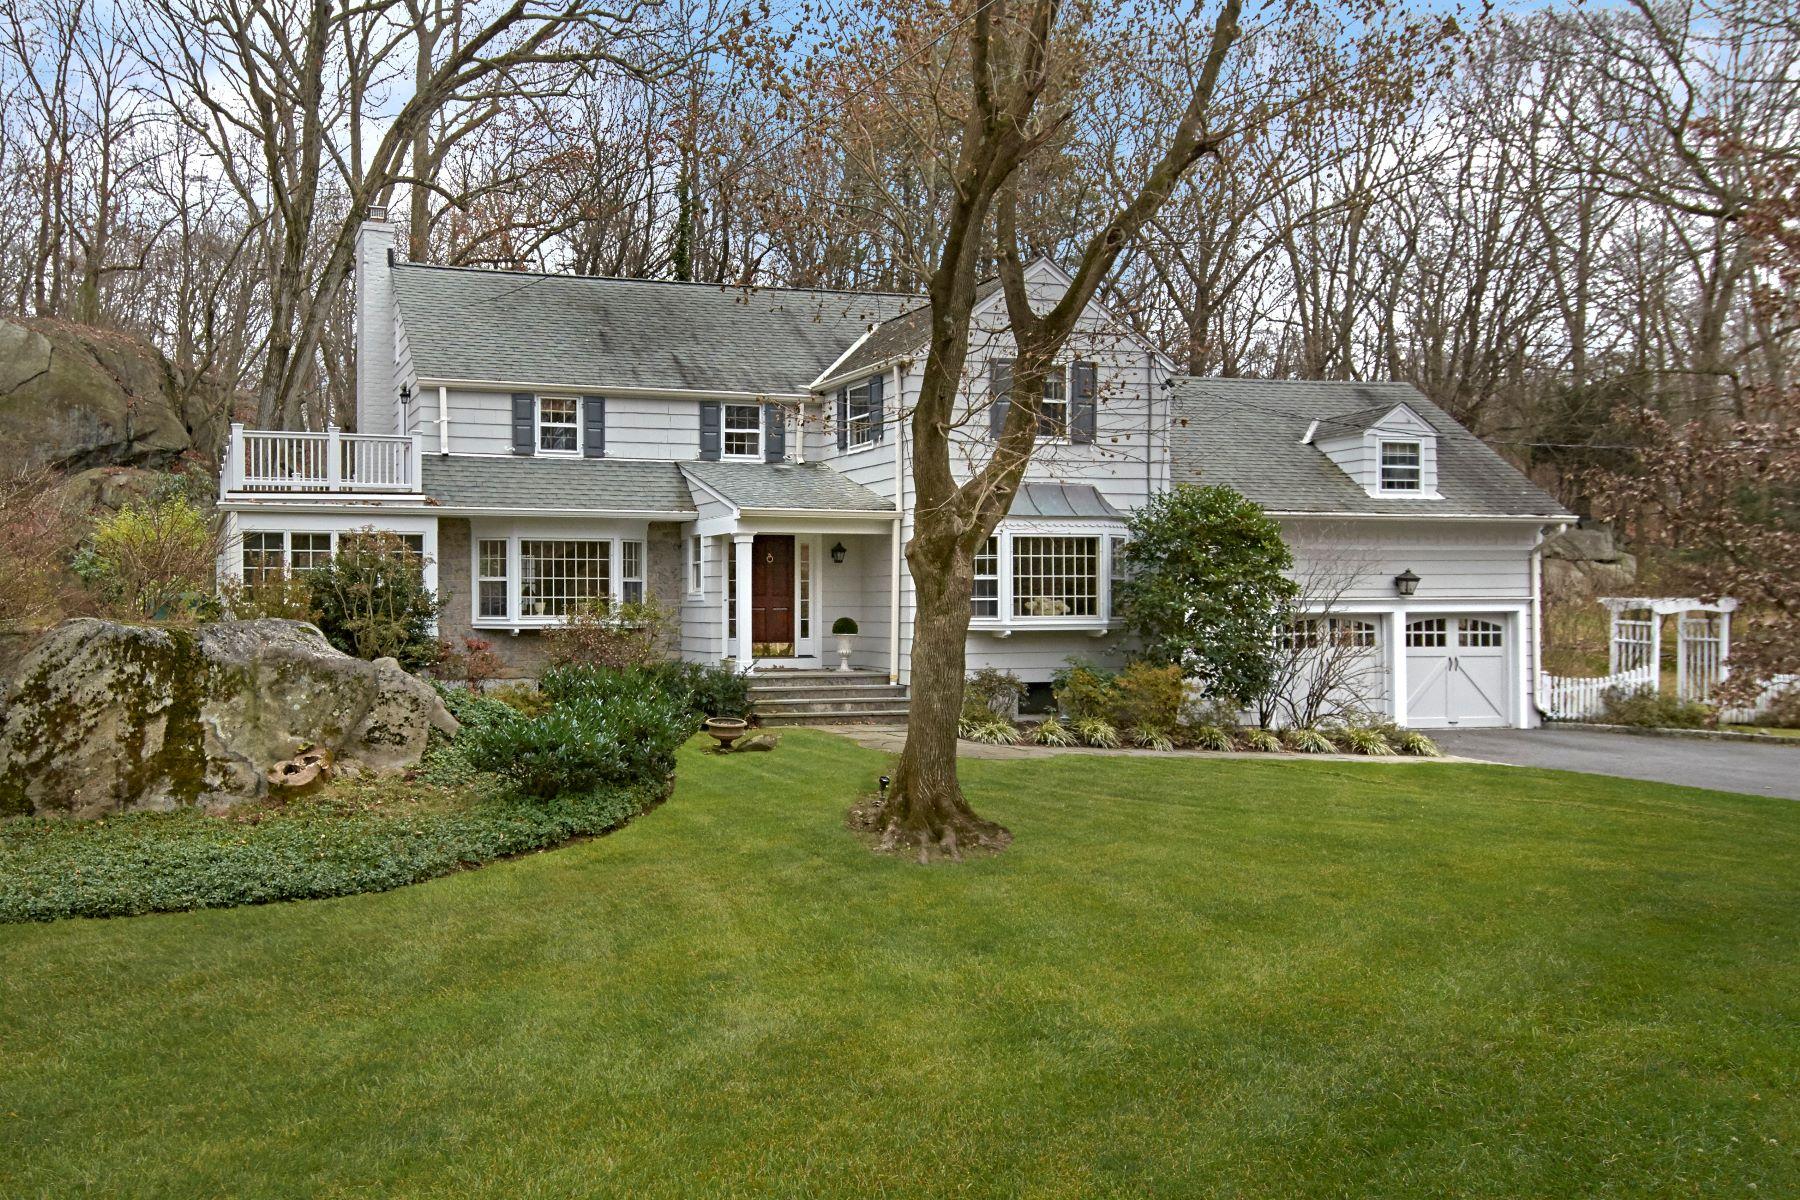 Maison unifamiliale pour l Vente à 7 Cricklewood Lane Harrison, New York, 10528 États-Unis